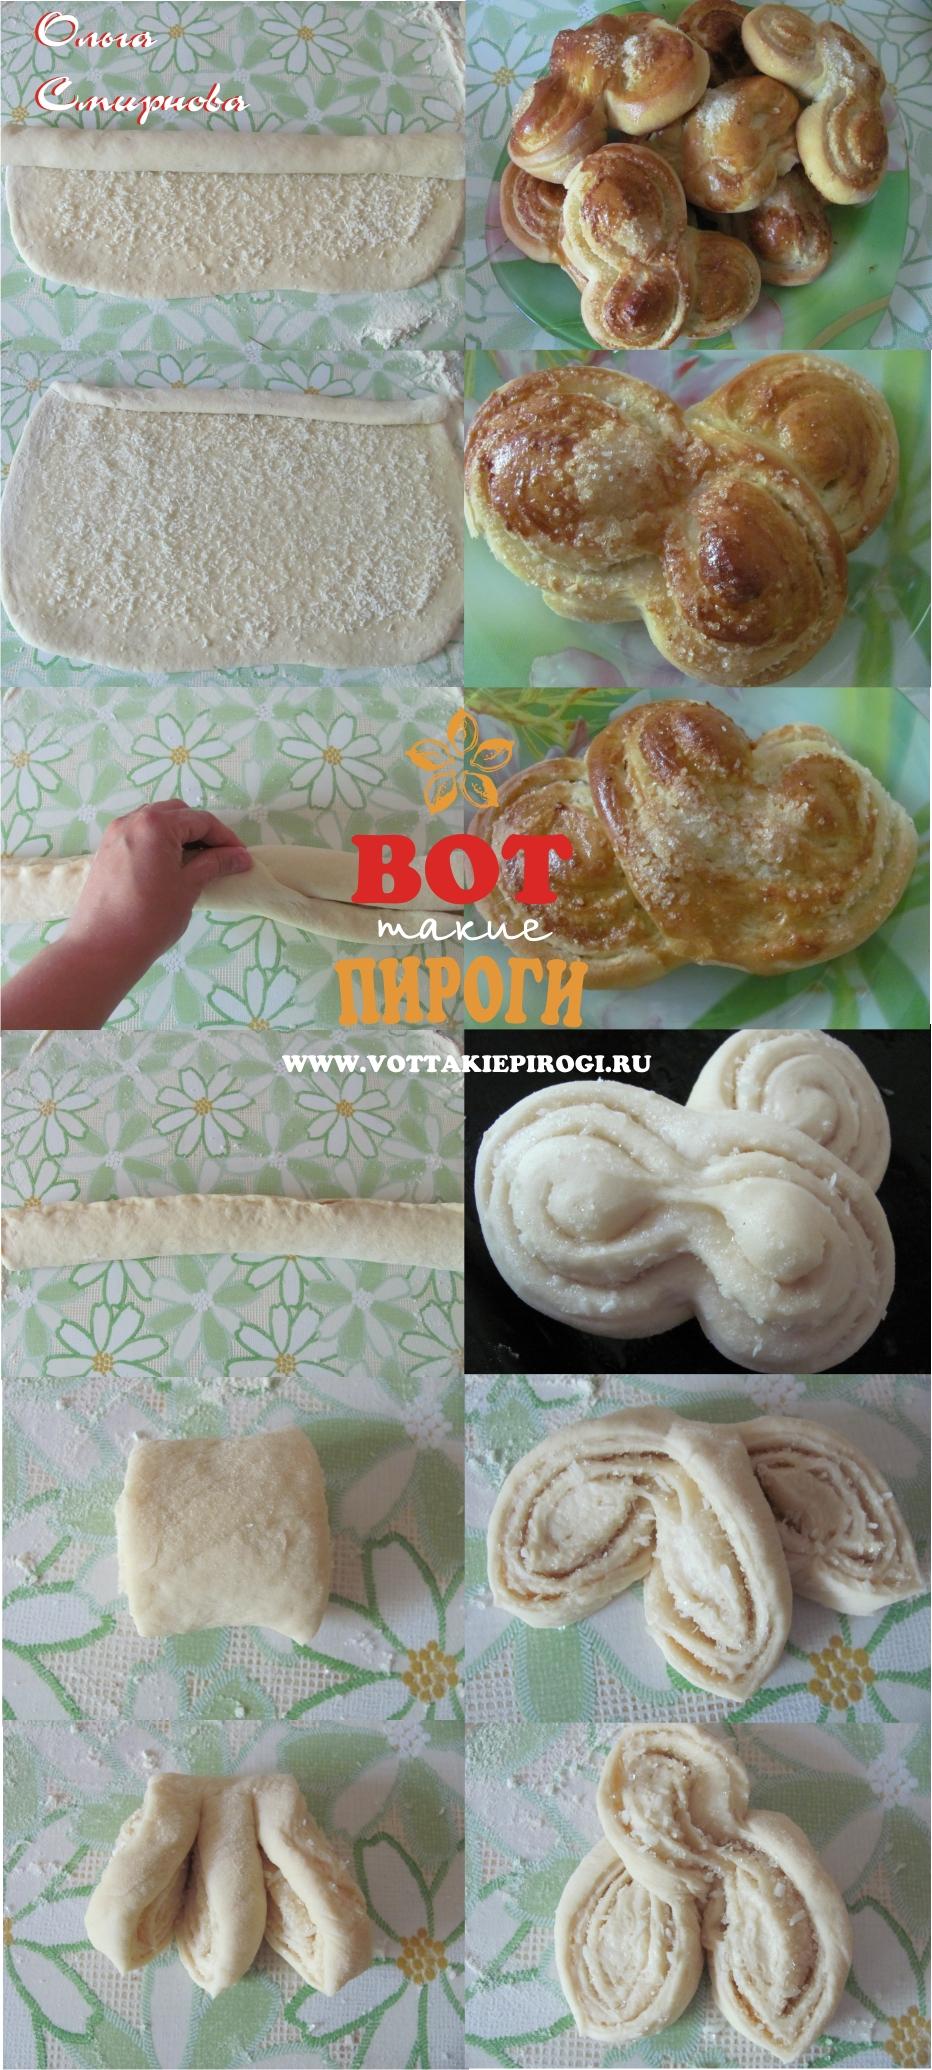 Формы булочек с фото: как сформовать красивые булочки 94